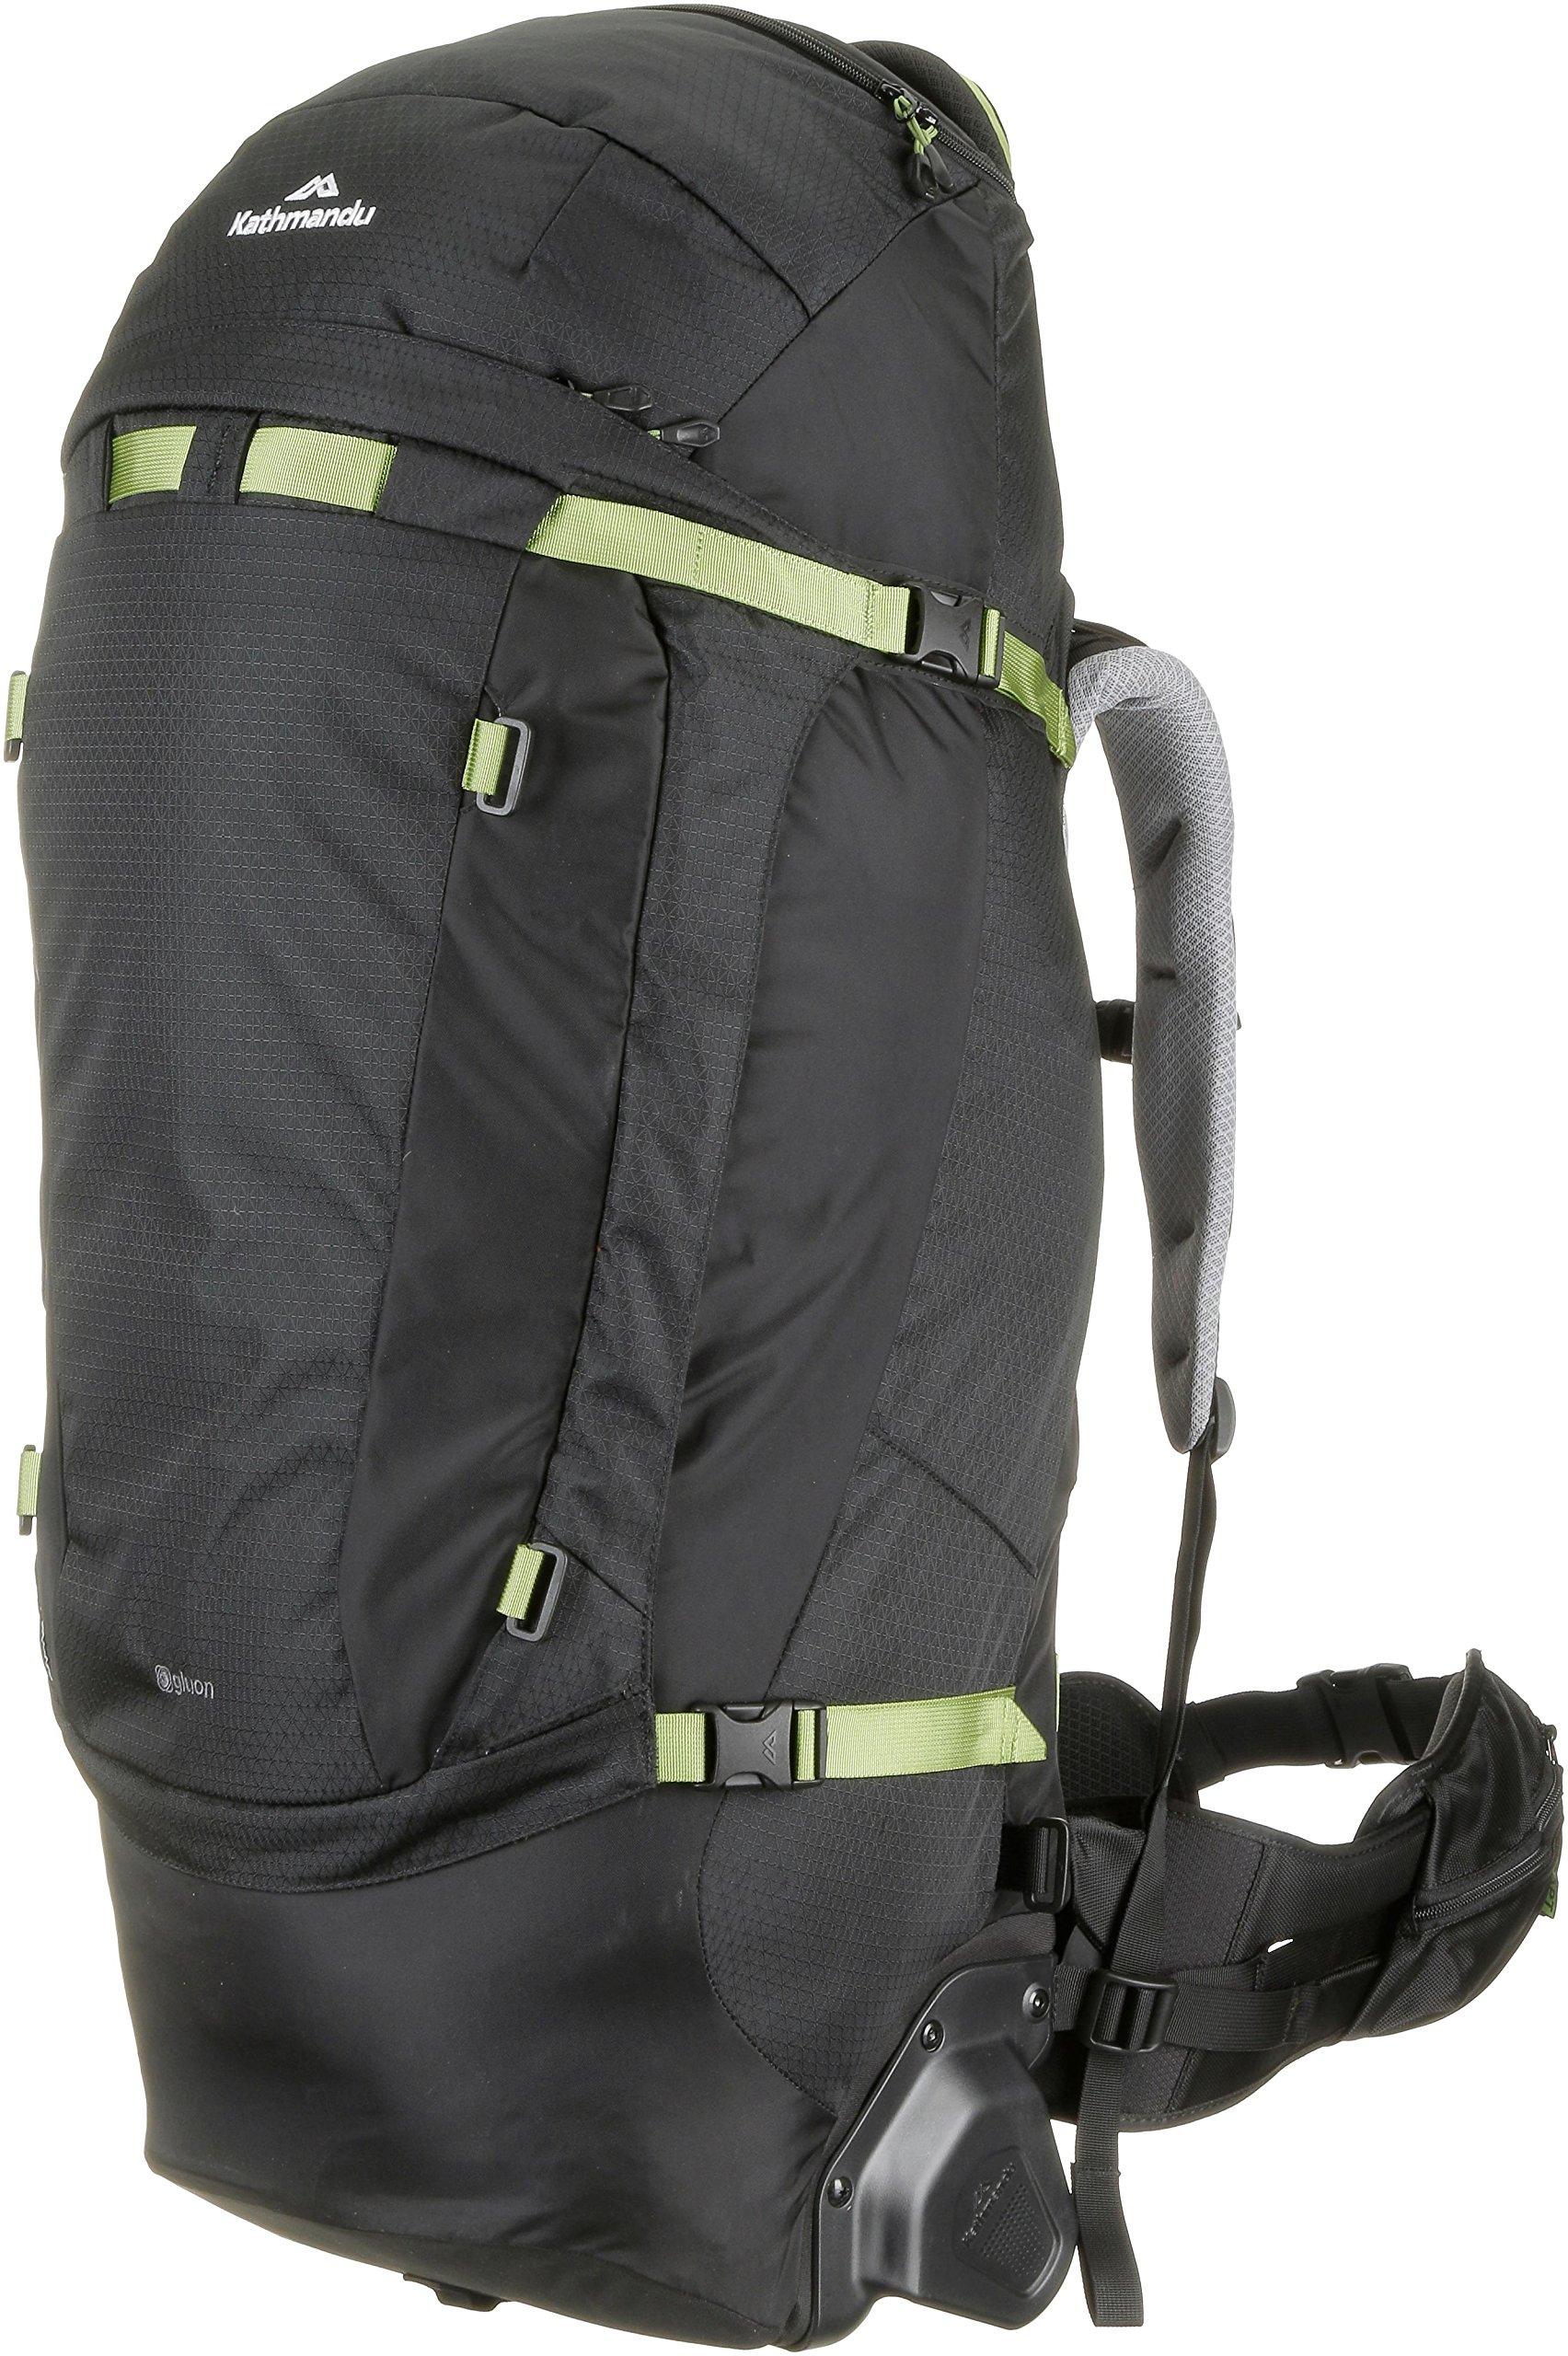 Kathmandu Terrane Adapt 70L Pack Womens Hybrid Wheeled Rucksack Travel Backpack